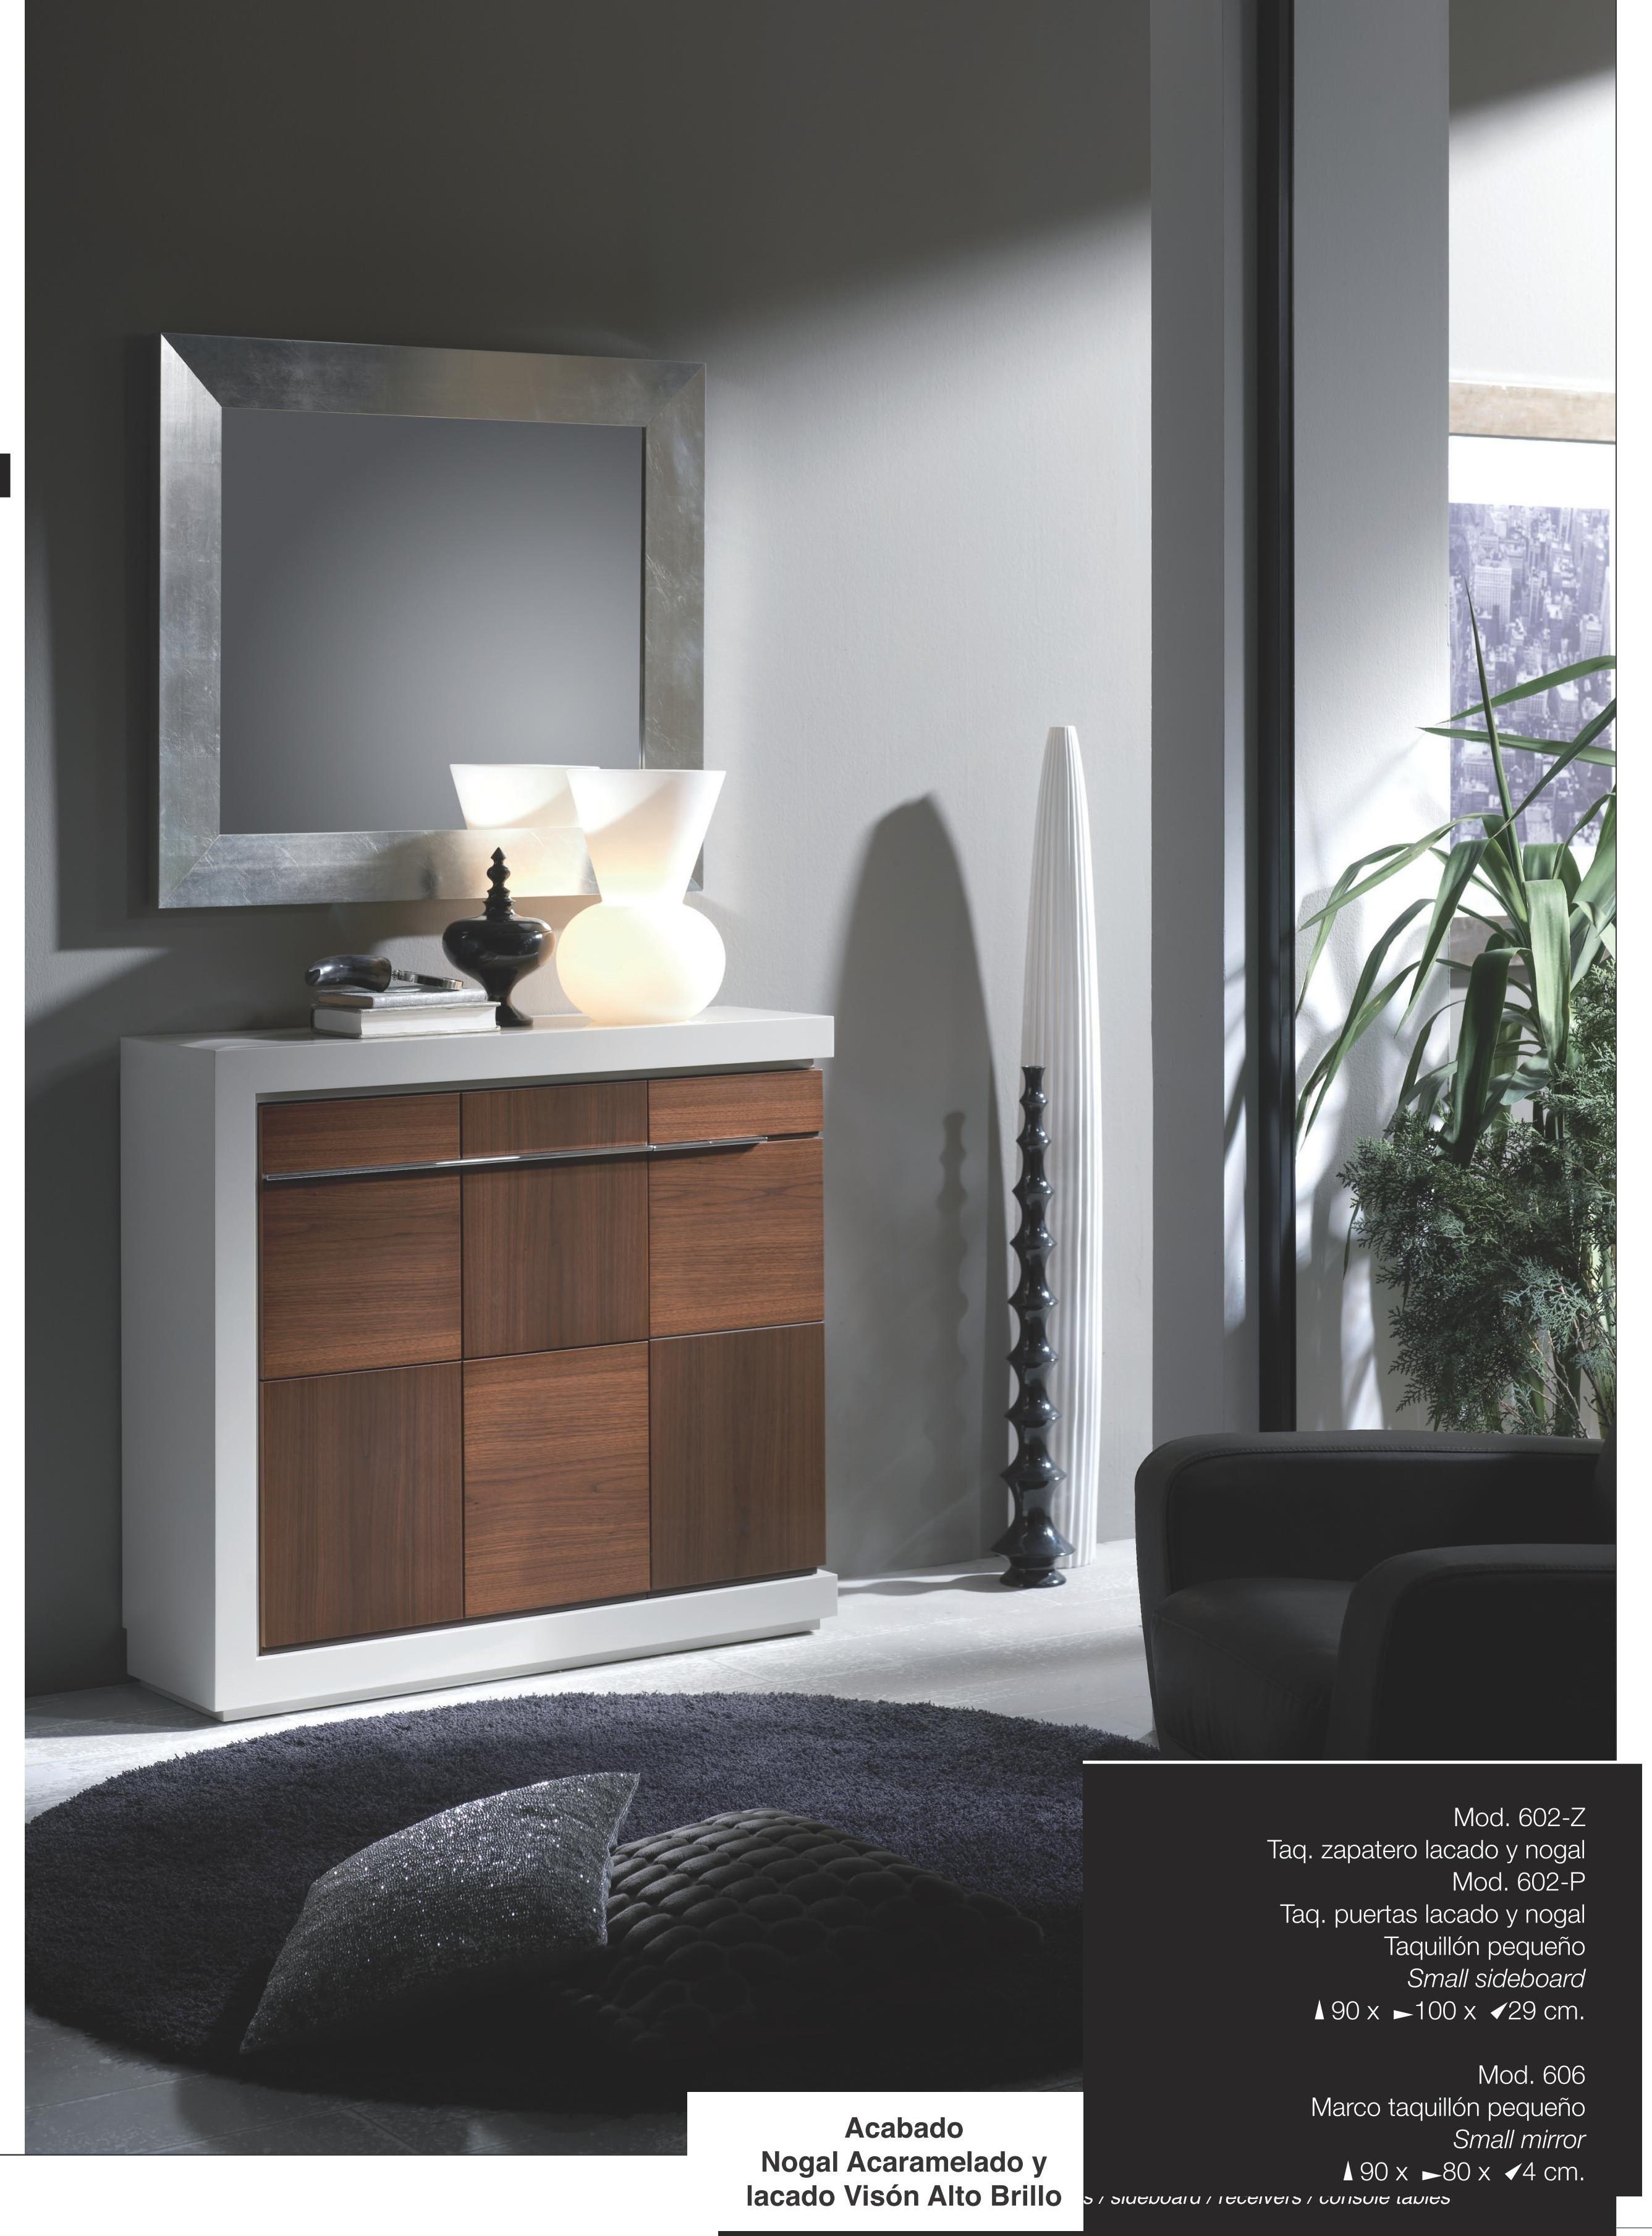 Muebles clasicos en valencia affordable latest muebles intermobel tienda de muebles en valencia - Mueble colonial valencia ...